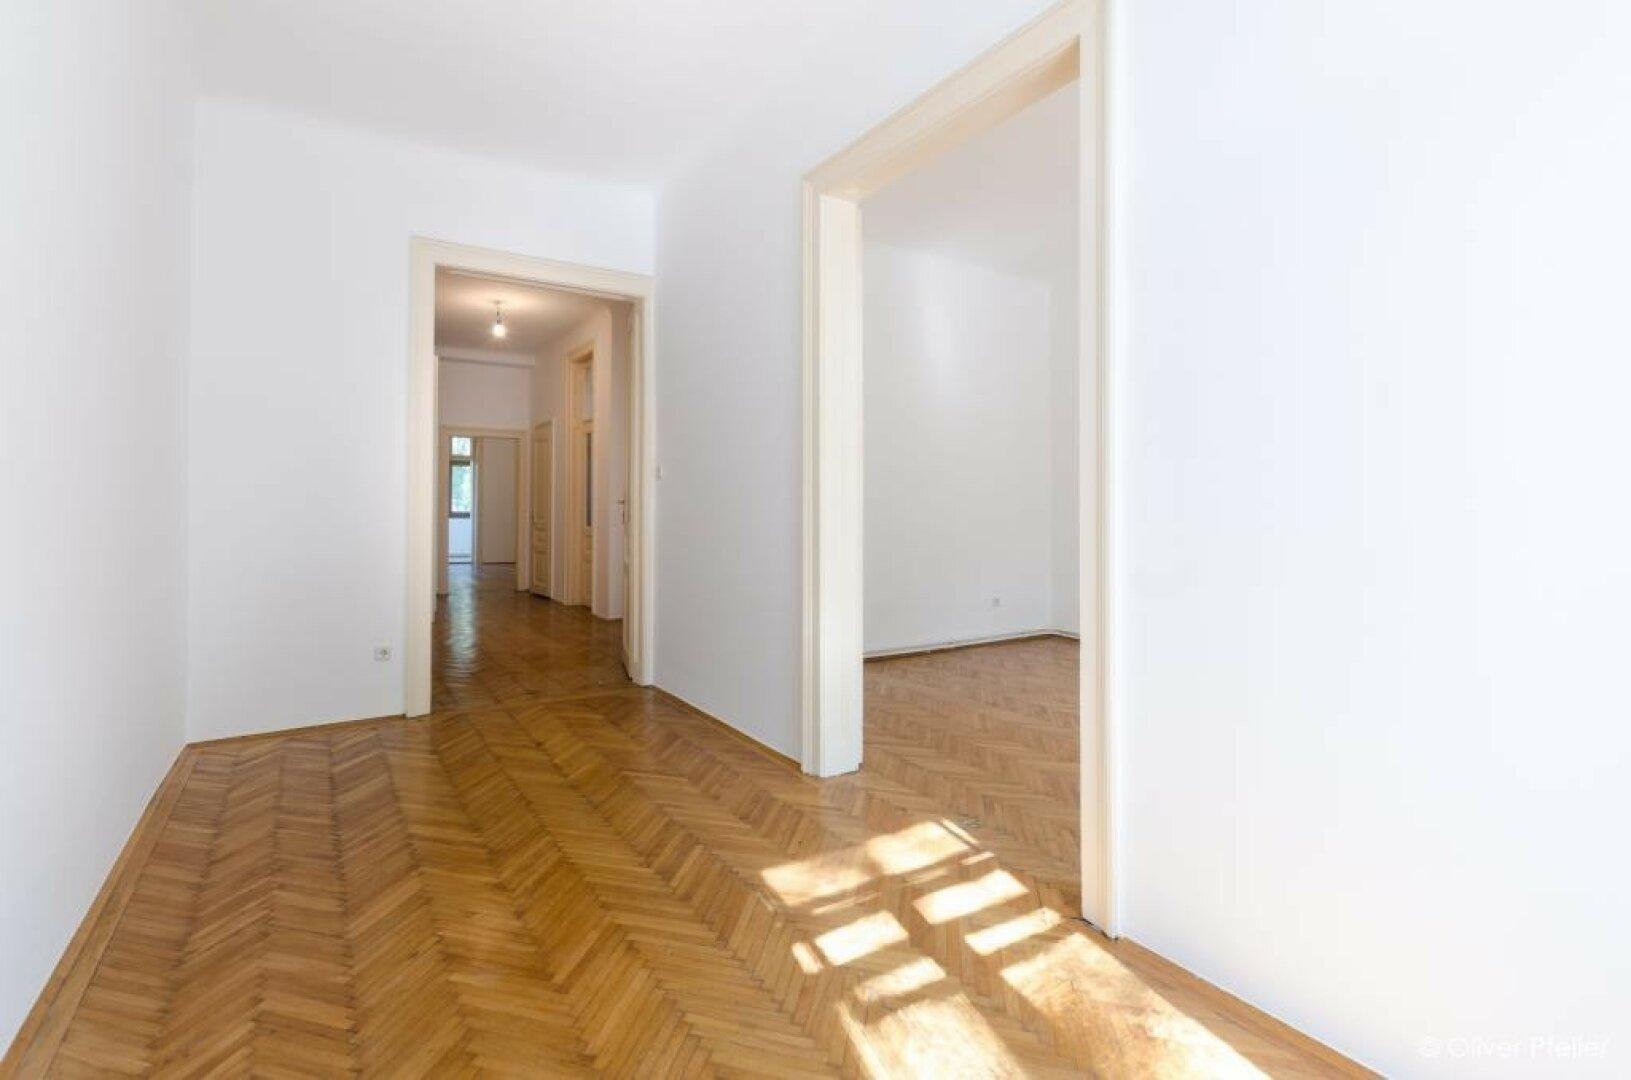 Raum 2 mit Blick durch das Büro